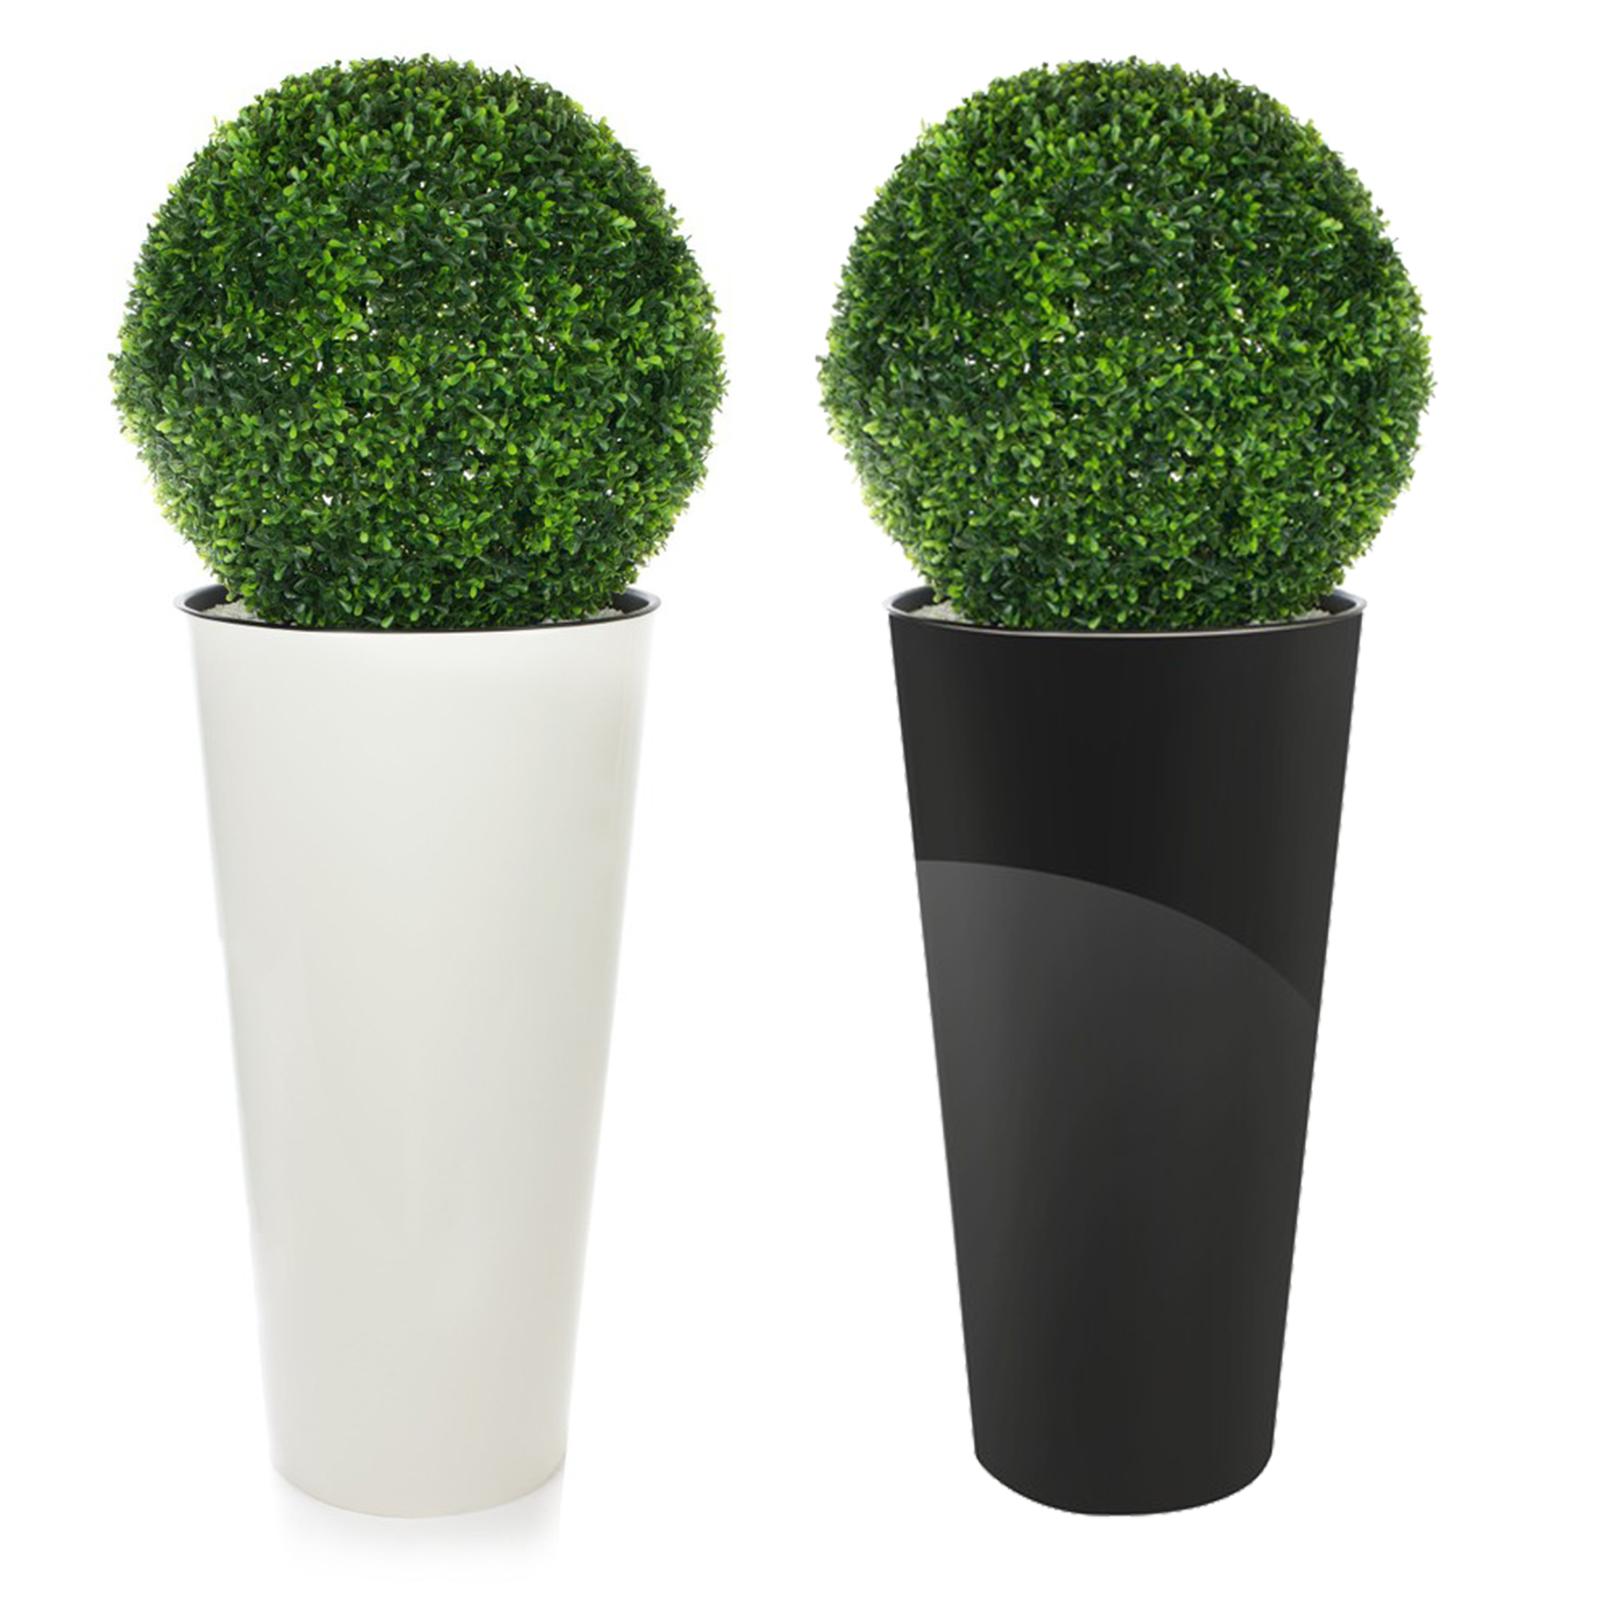 buchsbaumkugel hochtopf gl nzend k nstlich 120cm hoch dekoration innen au en 5 ebay. Black Bedroom Furniture Sets. Home Design Ideas